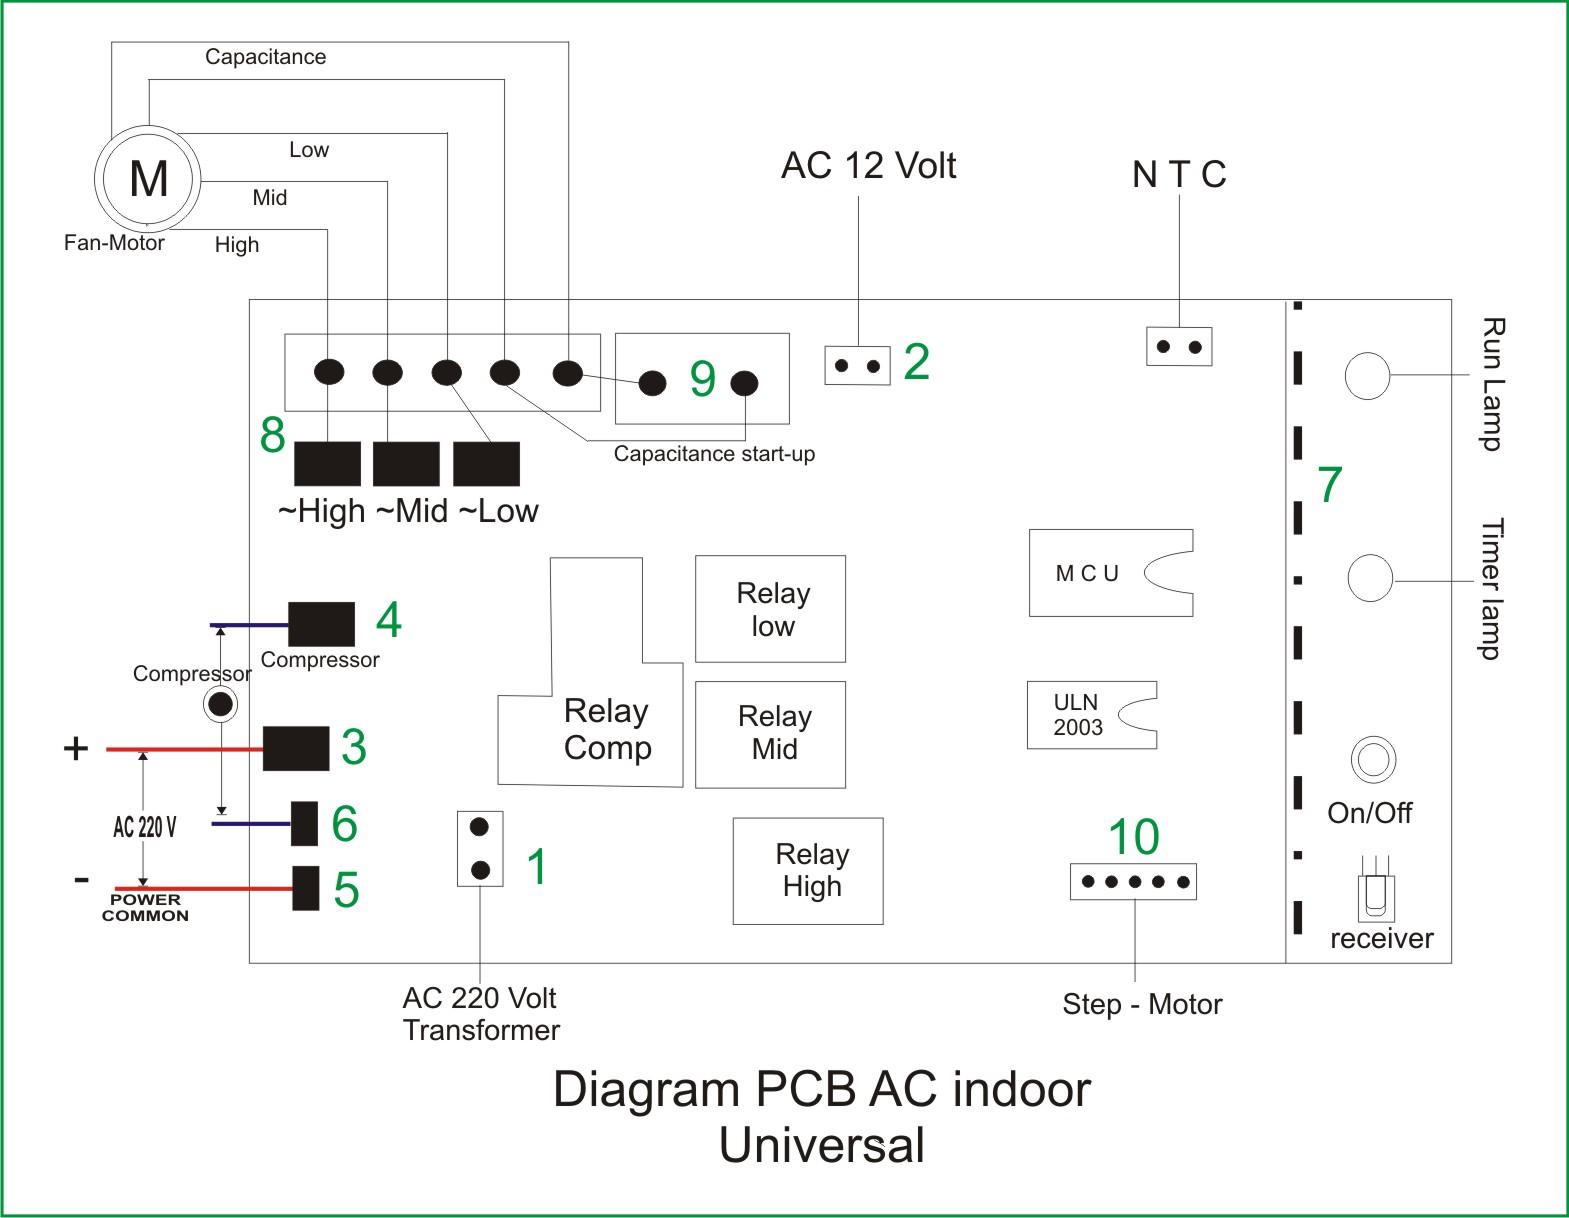 Wiring Diagram Modul Ac Quick Start Guide Of Home Control Pcb Dan Cara Pemasangannya Rh Slem354 Blogspot Com Air Conditioner Diagrams Split